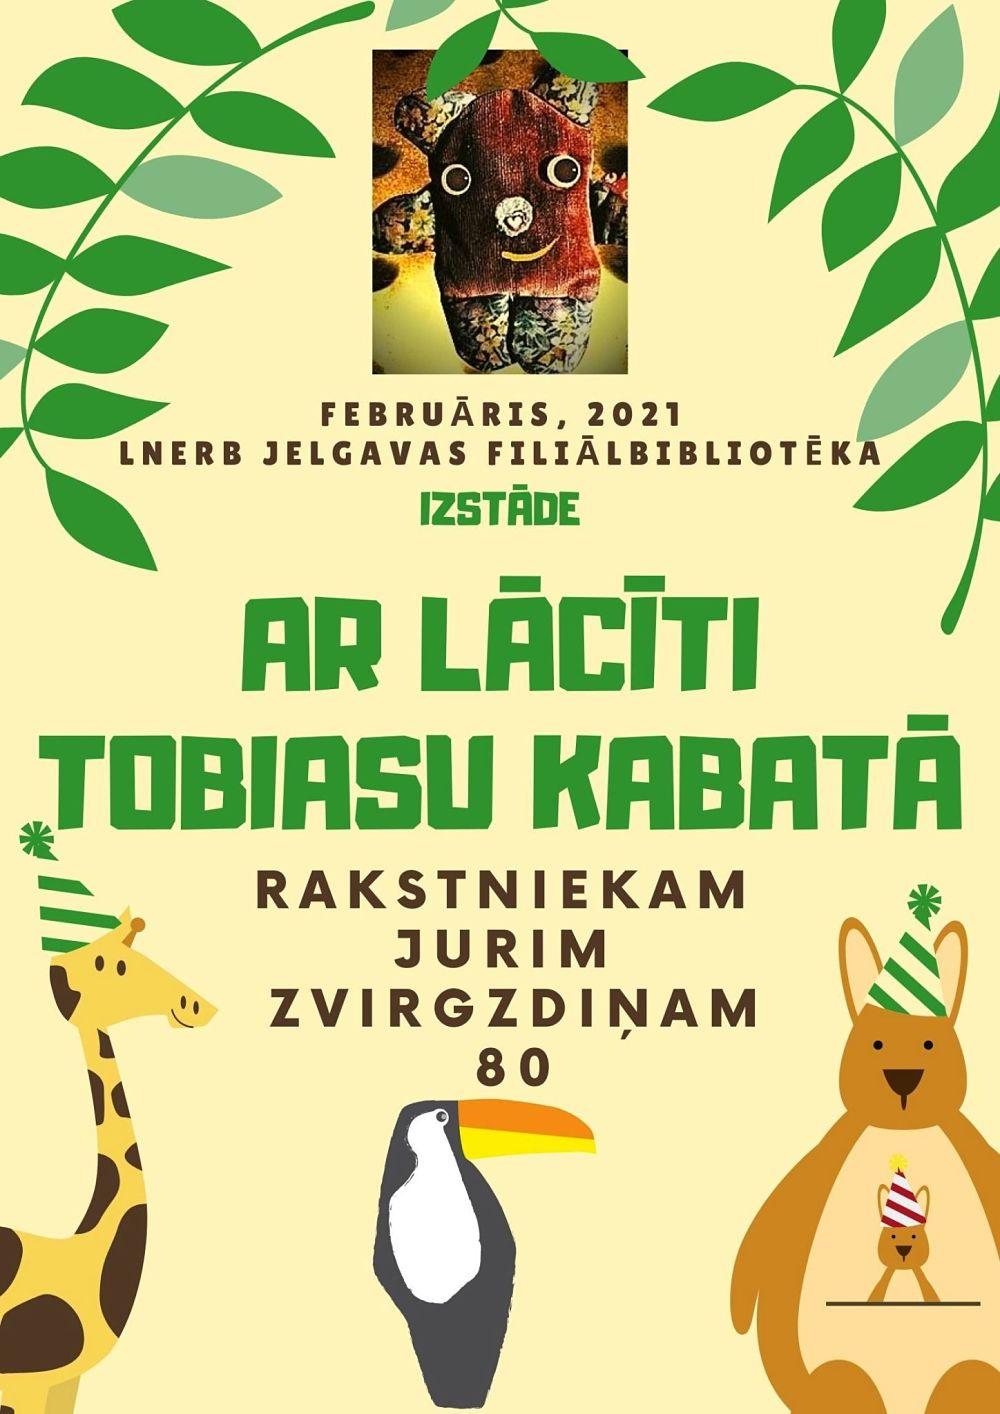 Plakāts izstādei Vēstule dzimtajā valodā. 21. februāris - Starptautiskā dzimtās valodas diena